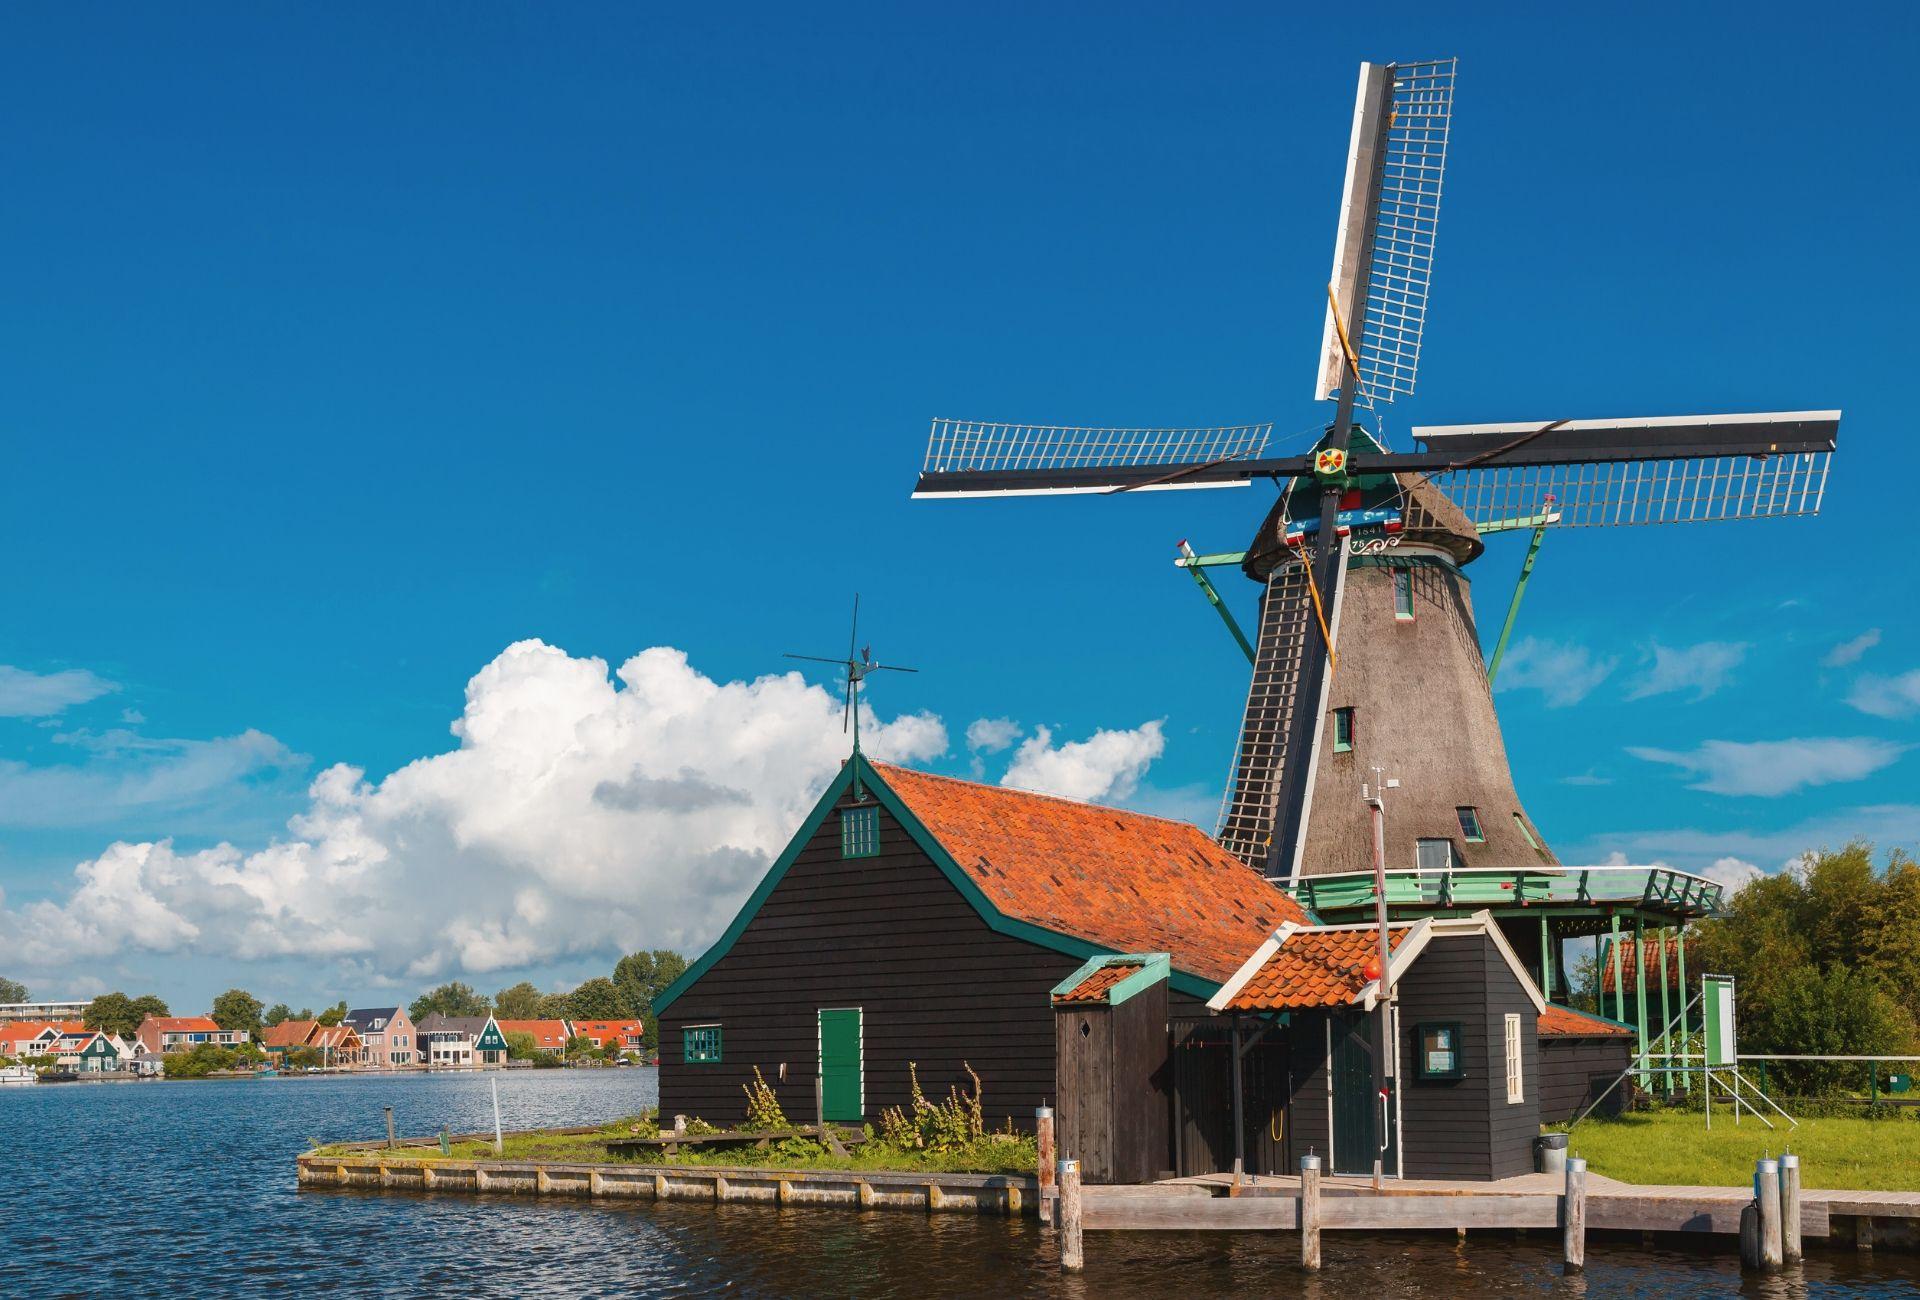 Moinho de vento ao lado de um lago em Zaanse Schans, na Holanda